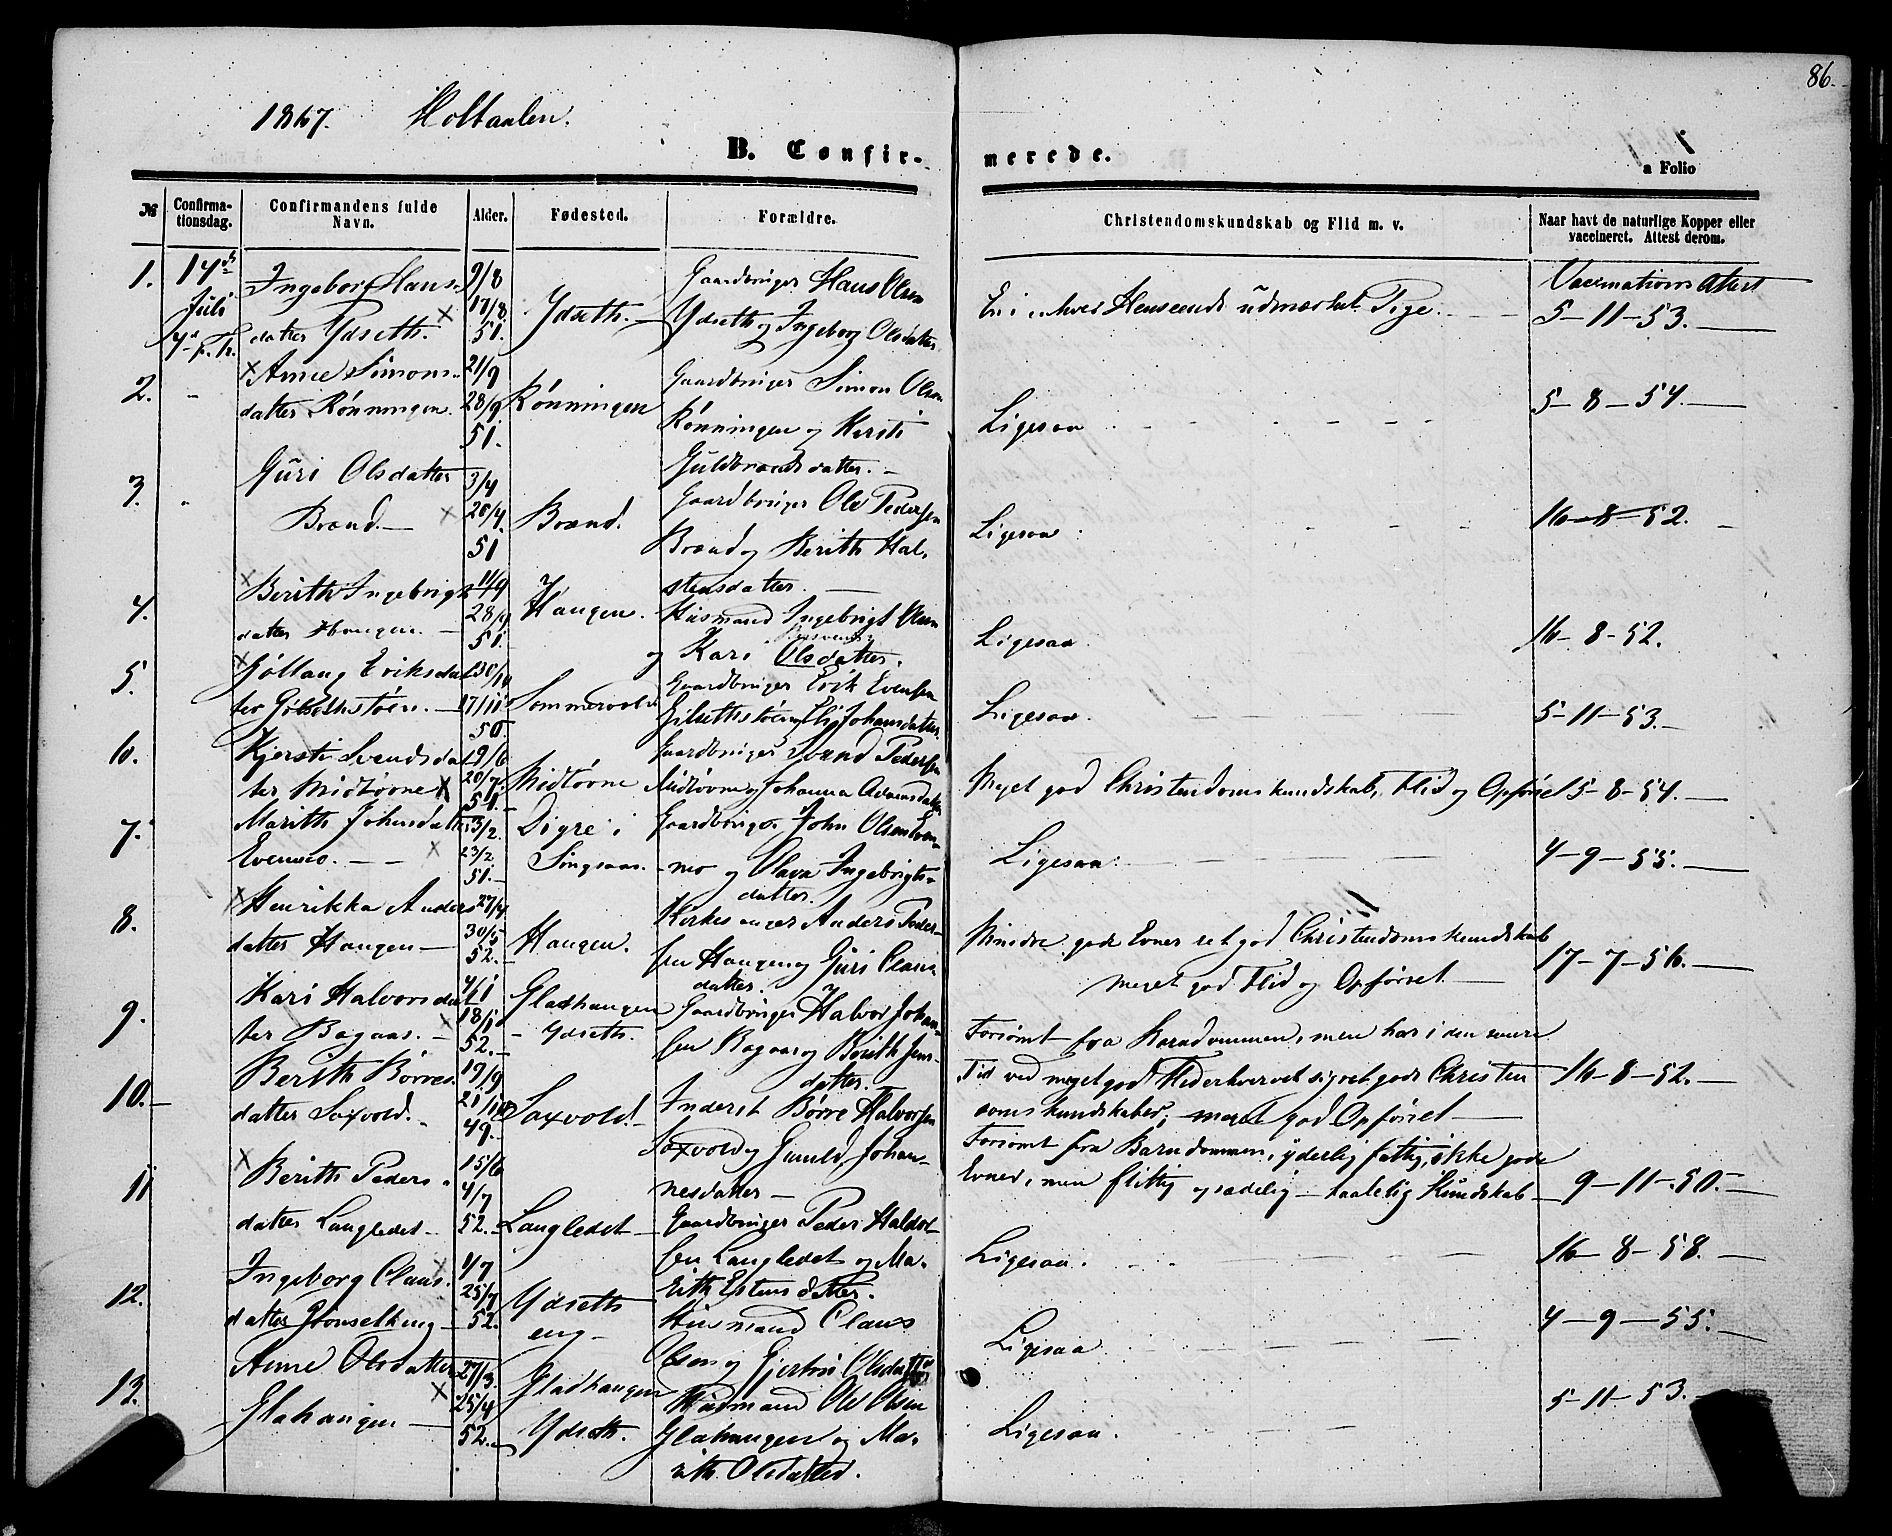 SAT, Ministerialprotokoller, klokkerbøker og fødselsregistre - Sør-Trøndelag, 685/L0966: Ministerialbok nr. 685A07 /1, 1860-1869, s. 86